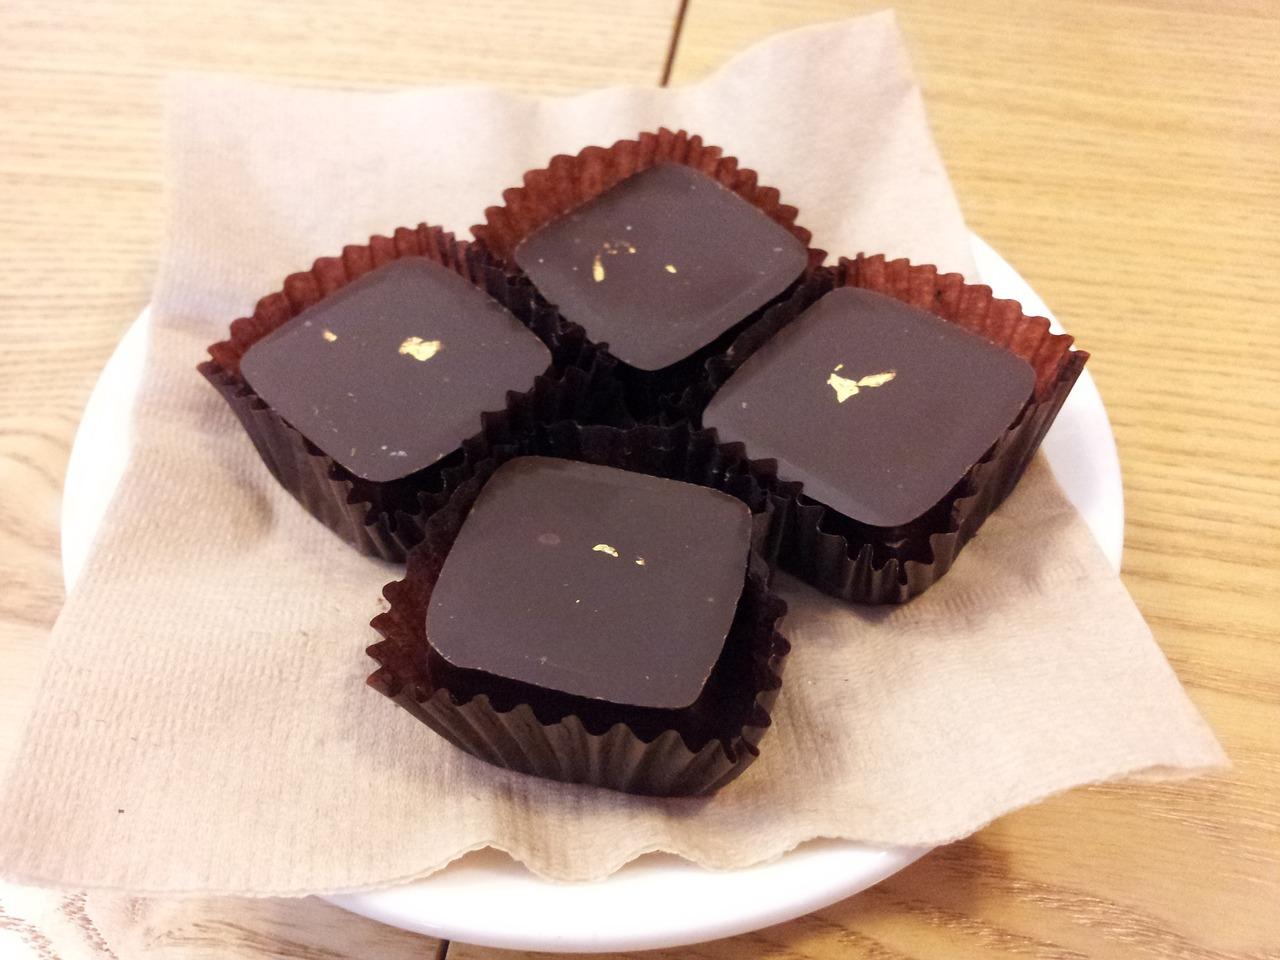 生チョコは常温保存が可能なのか?もし溶けたらどうしたらいい?